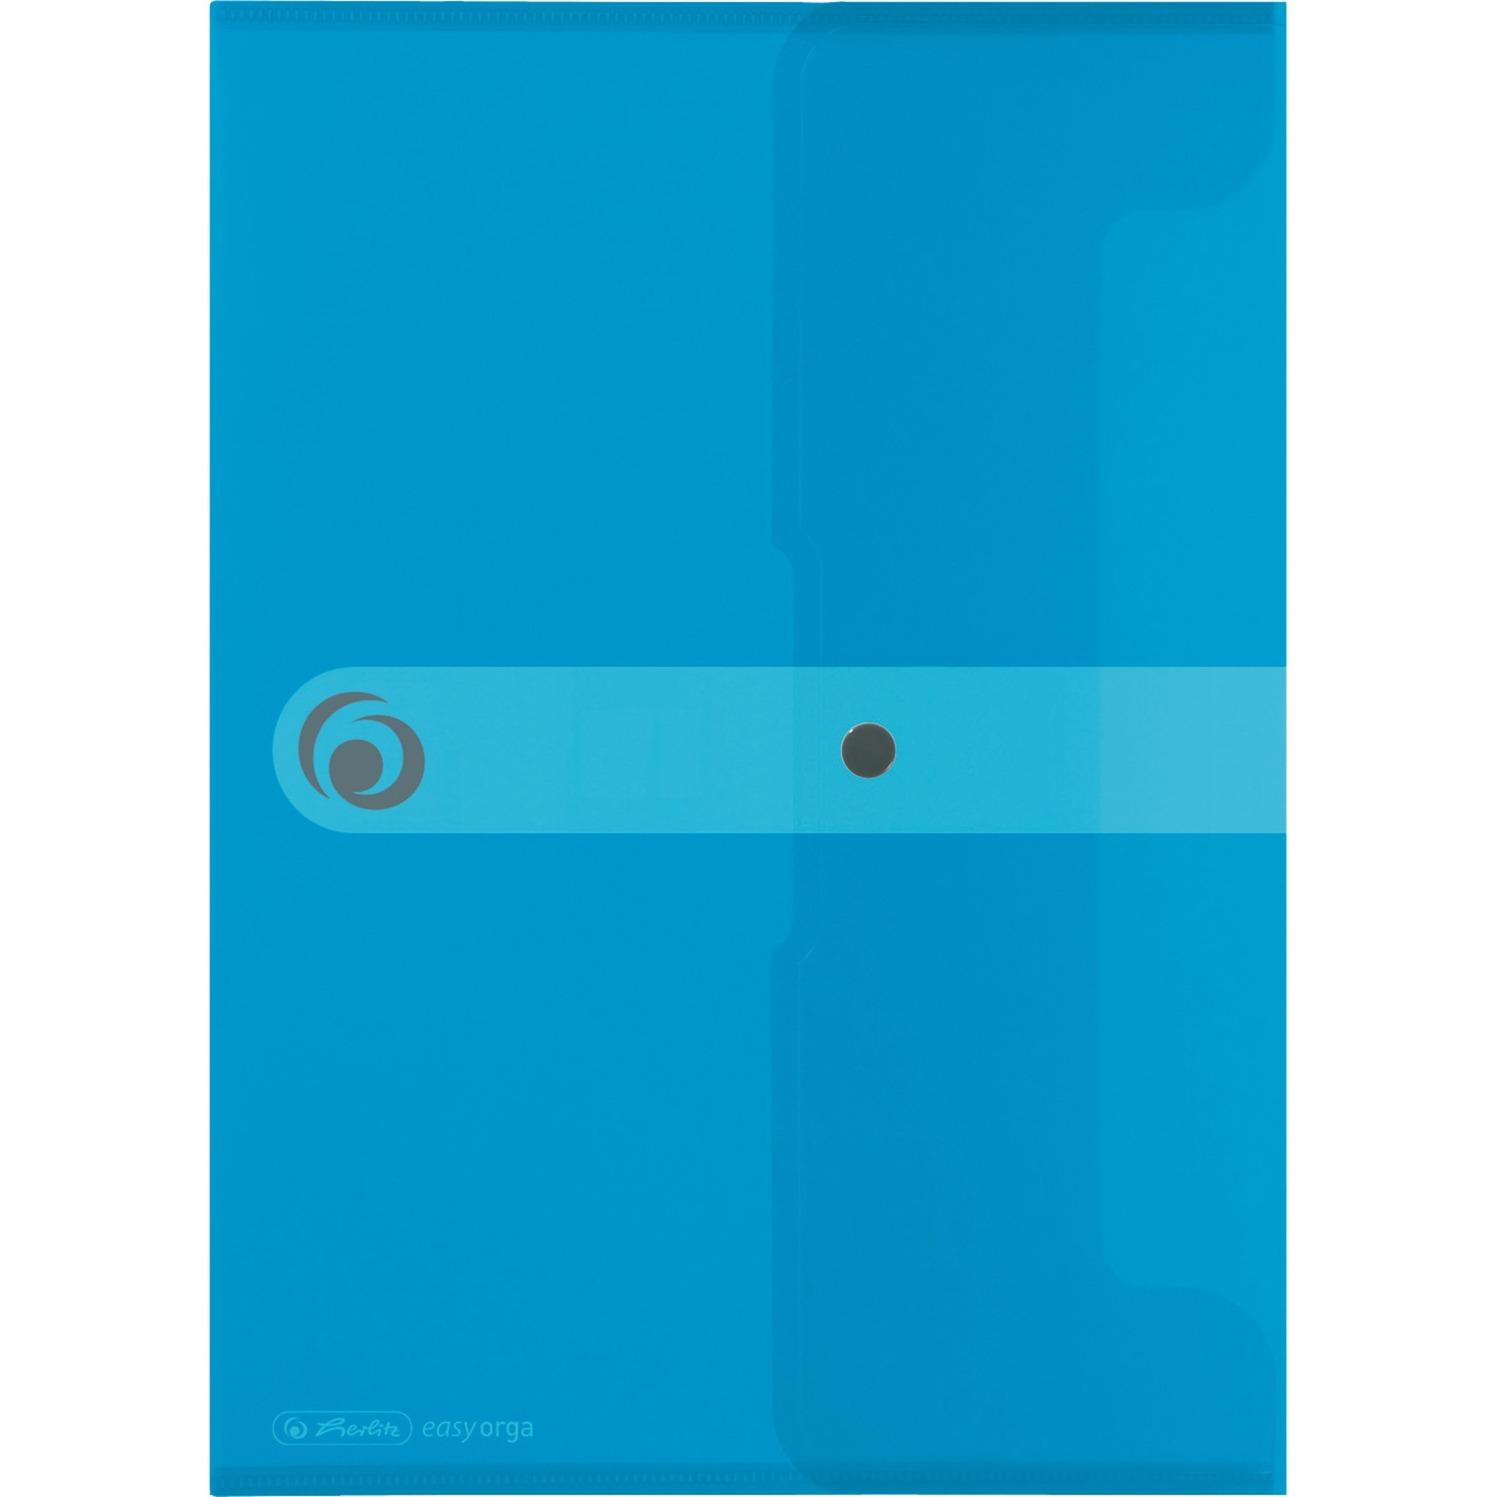 11207073 Polipropileno (PP) Azul carpeta, Bolsa